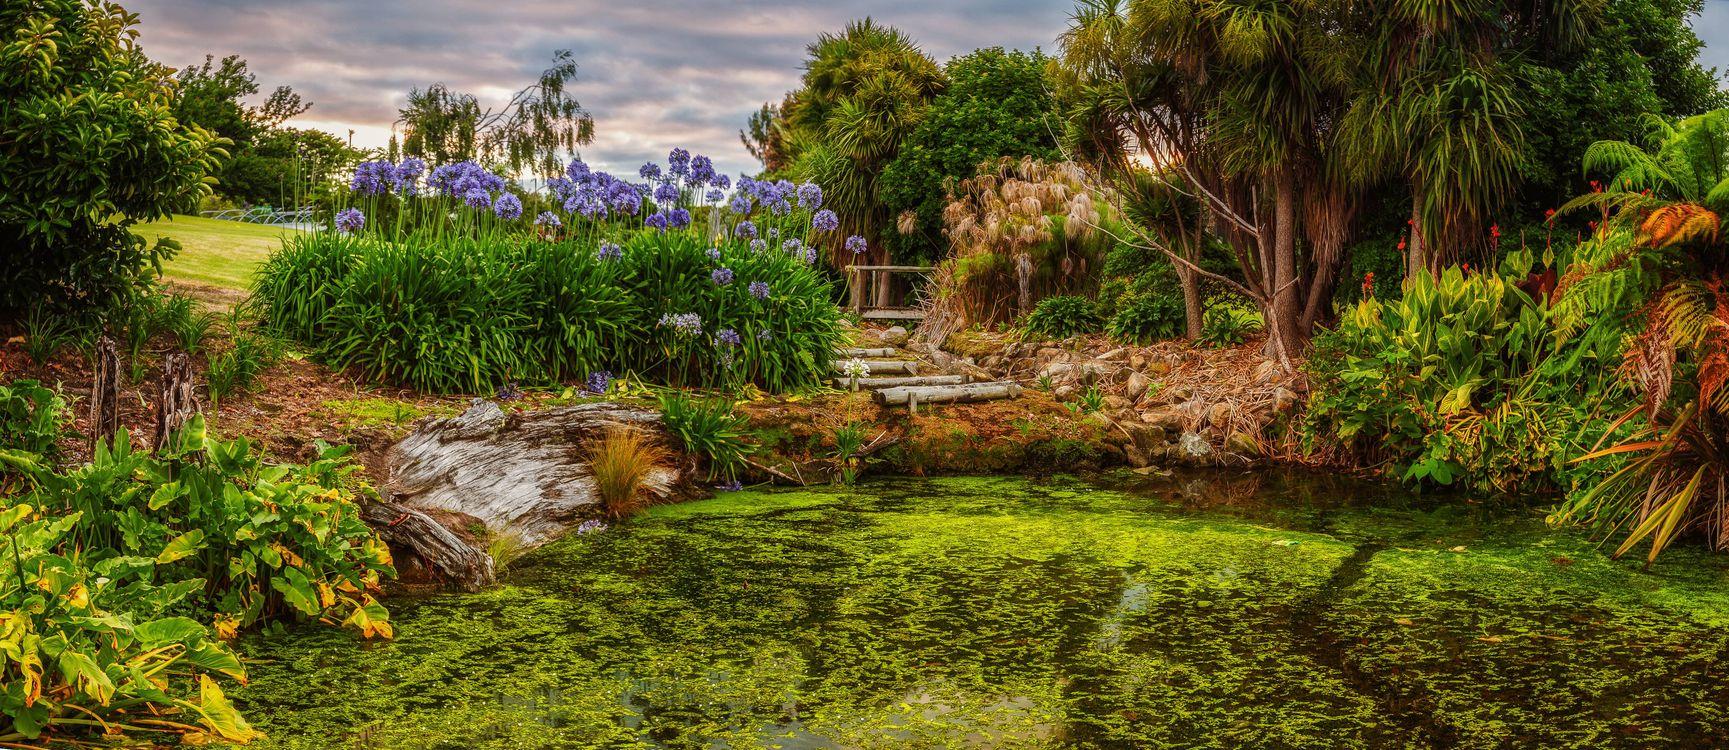 Фото пруд водоём цветы - бесплатные картинки на Fonwall